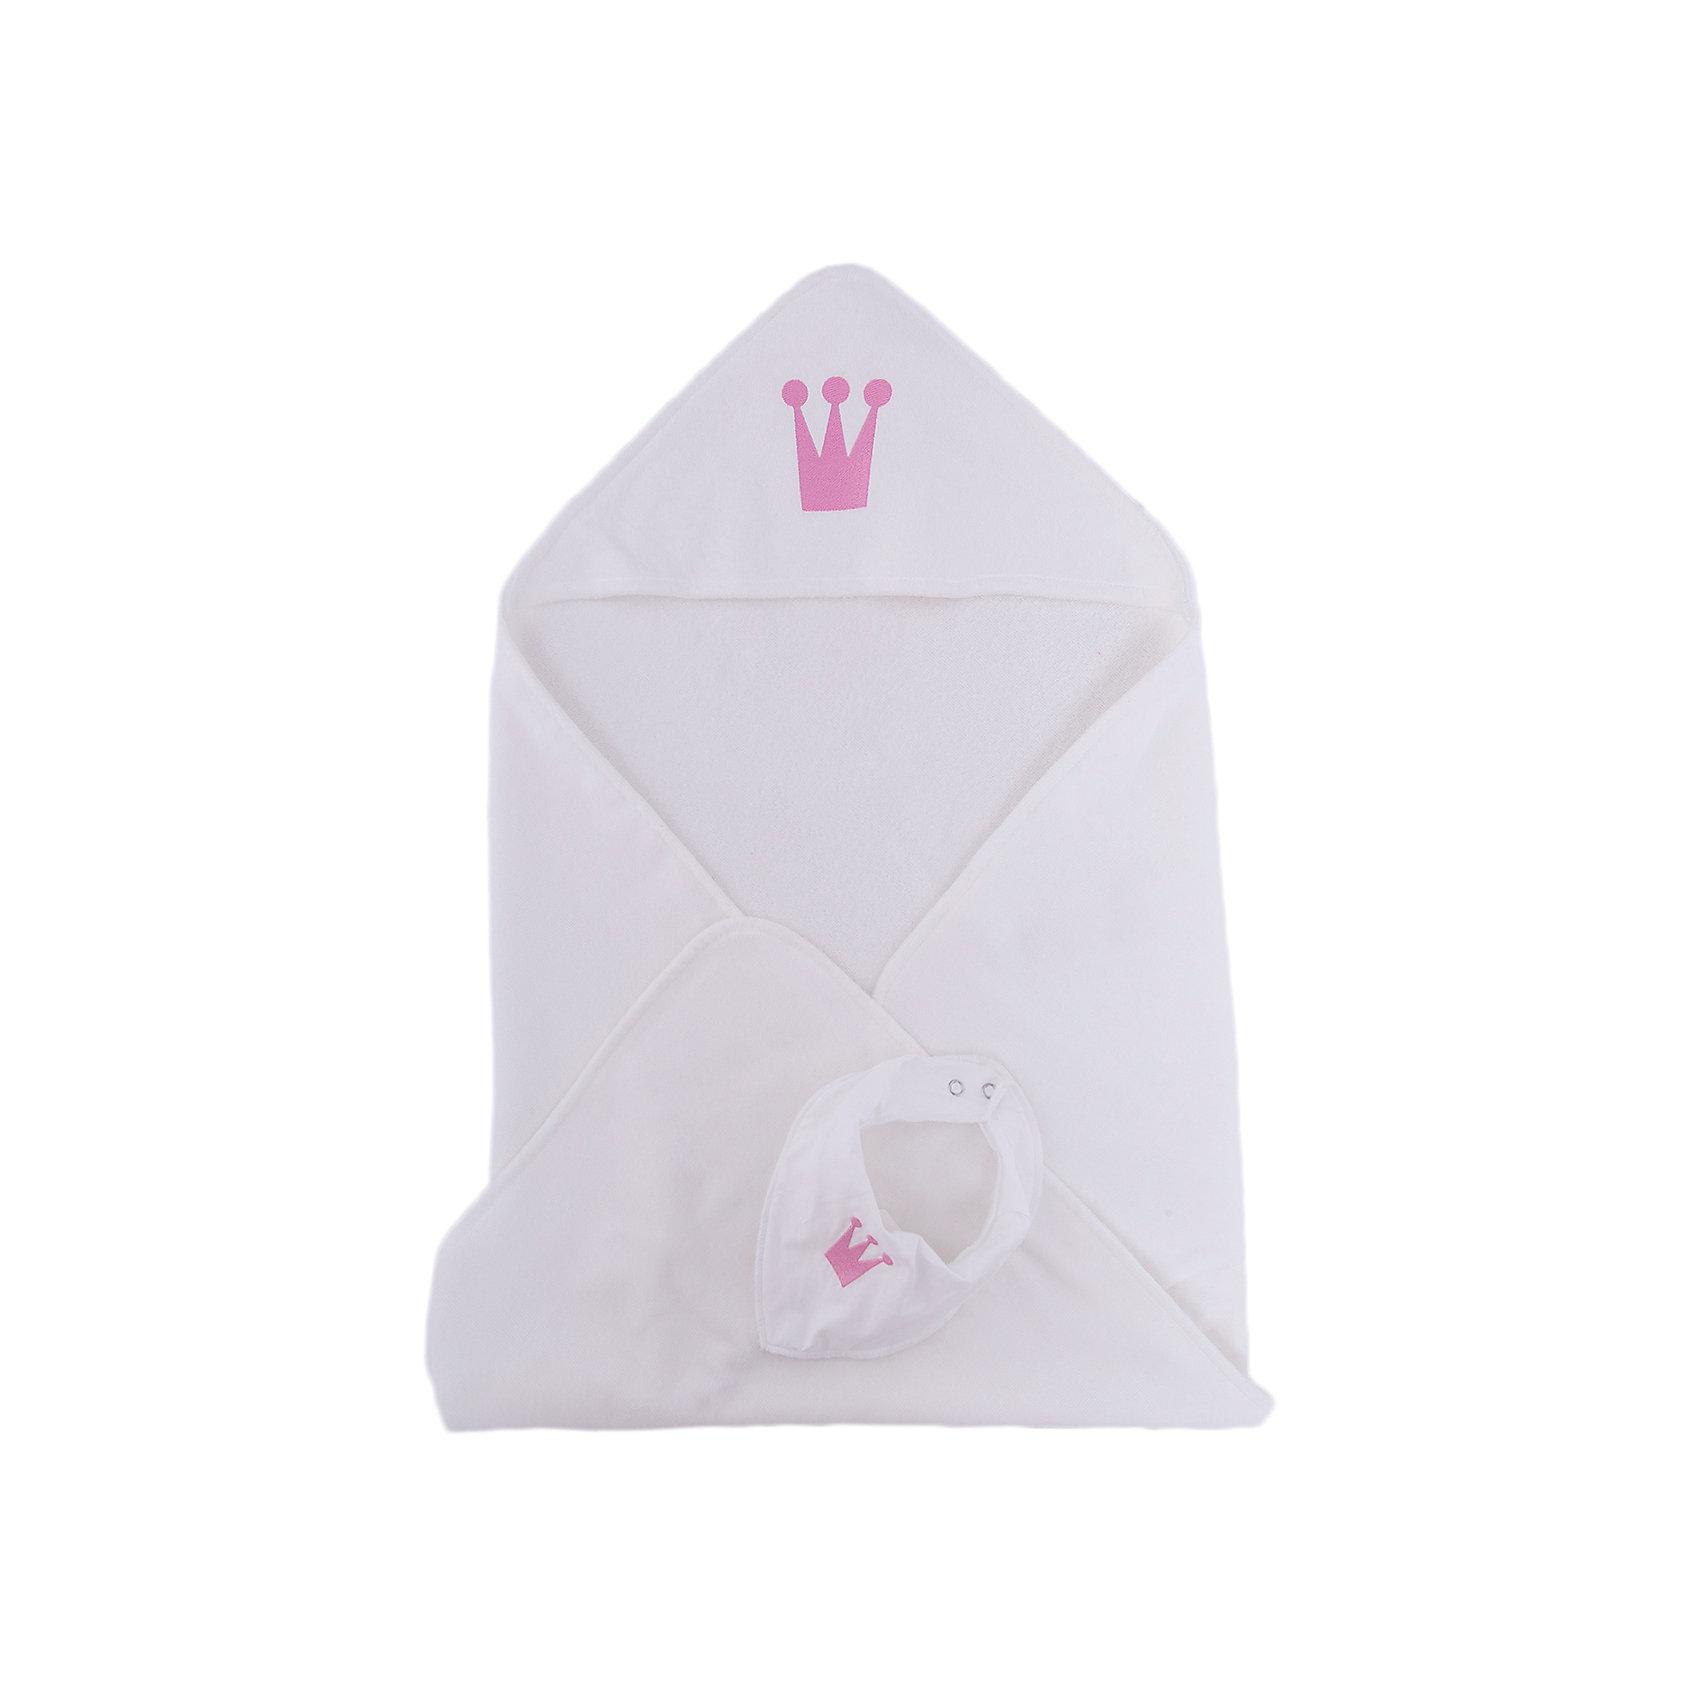 Комплект: нагрудник и полотенце 75х80 Wallaboo, розовыйНагрудники и салфетки<br>Характеристики:<br><br>• комплект аксессуаров для кормления, 2 предмета;<br>• нагрудник застегивается на кнопки;<br>• полотенце с кармашком;<br>• размер полотенца: 75х80 см;<br>• аппликация;<br>• допускается стирка при температуре 30 градусов.<br><br>Комплект: нагрудник и полотенце 75х80 Wallaboo, розовый можно купить в нашем интернет-магазине.<br><br>Ширина мм: 800<br>Глубина мм: 800<br>Высота мм: 50<br>Вес г: 500<br>Возраст от месяцев: 0<br>Возраст до месяцев: 12<br>Пол: Унисекс<br>Возраст: Детский<br>SKU: 5445077